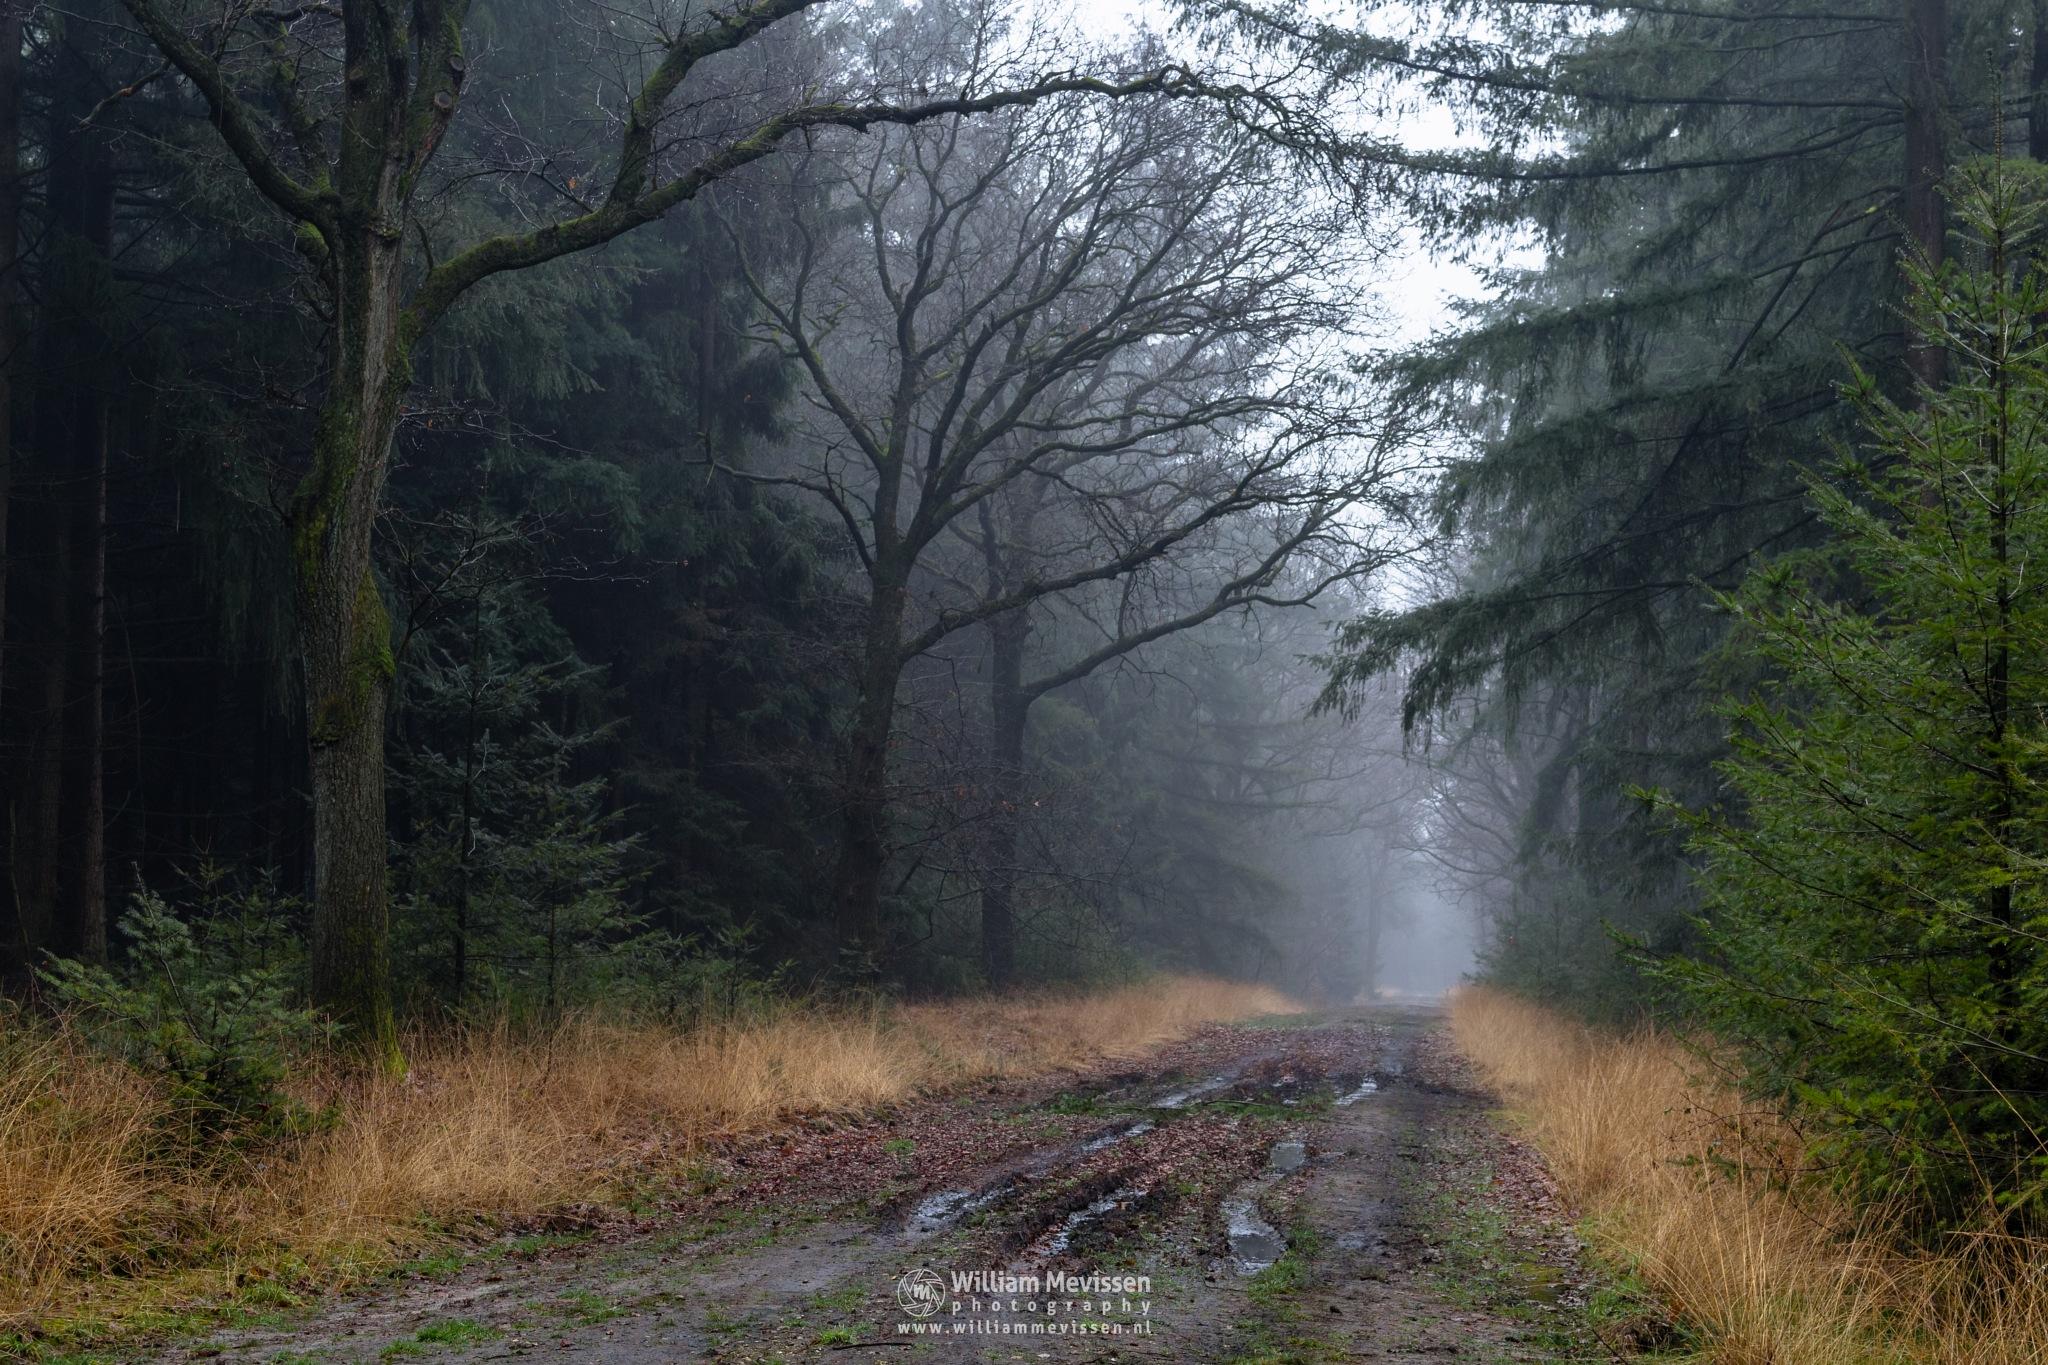 Mud Tracks by William Mevissen